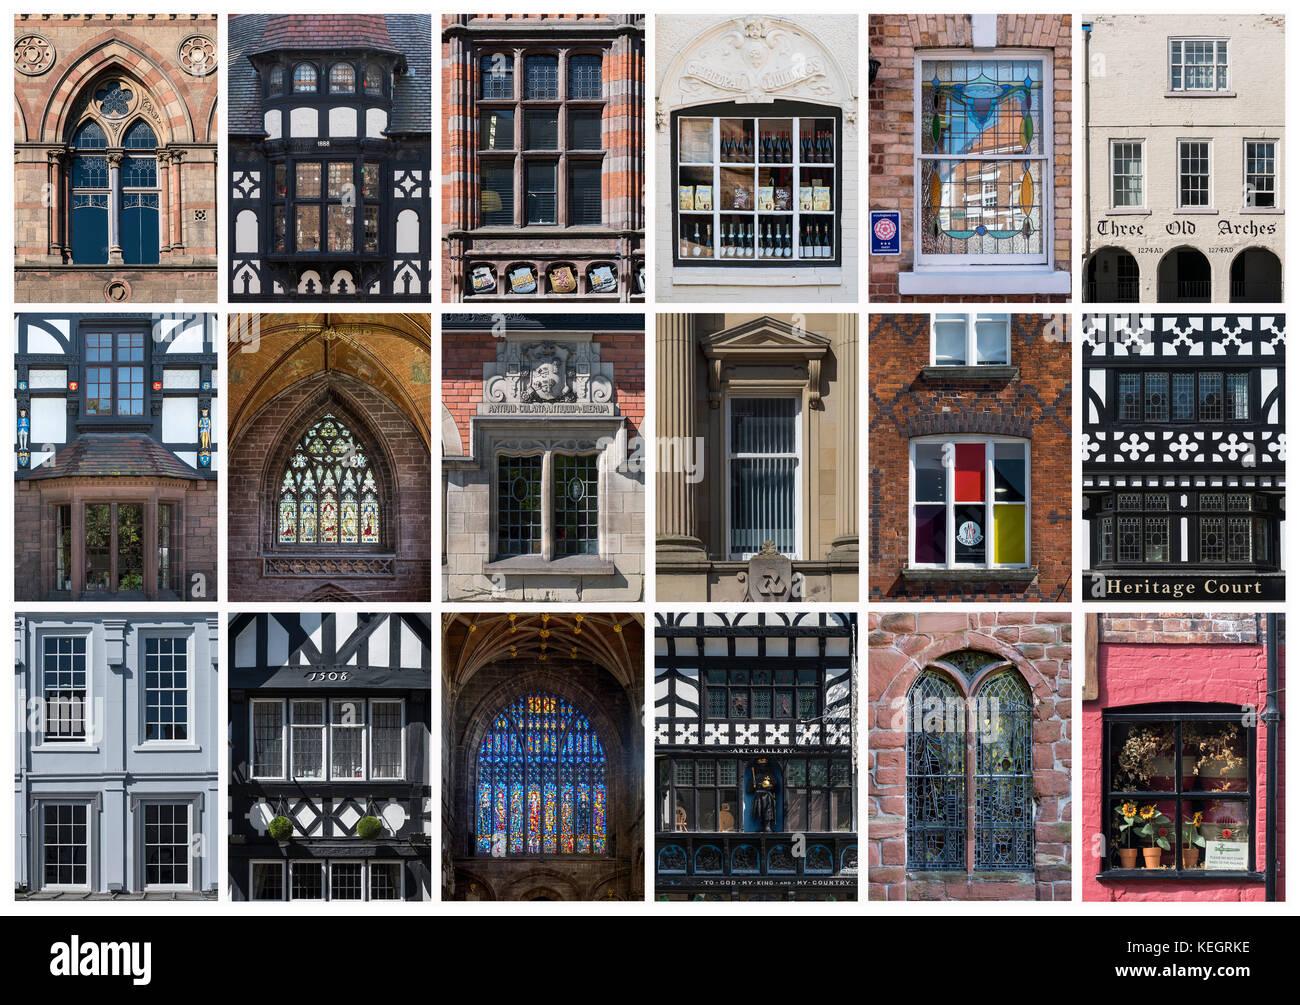 Montaje de ventanas diferentes en la ciudad de Chester, Cheshire, Inglaterra, Reino Unido. Imagen De Stock